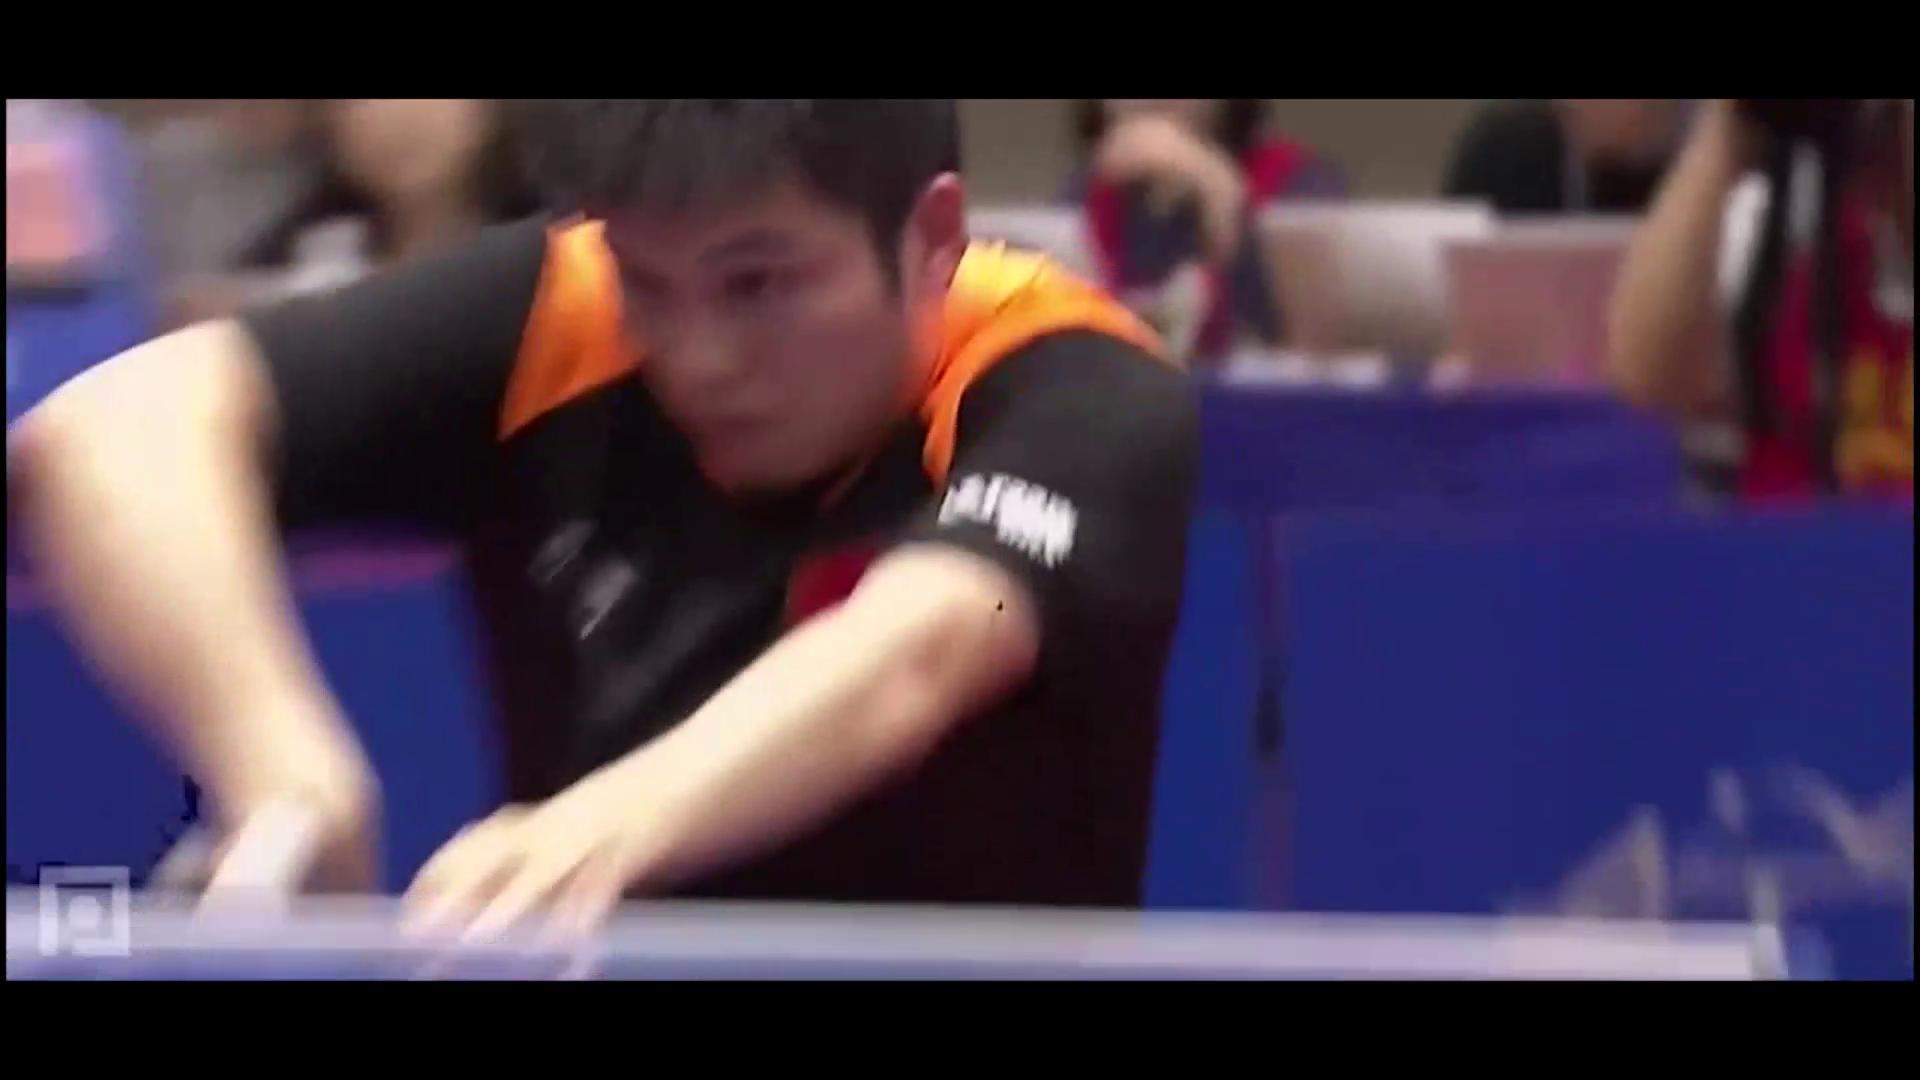 樊振东赢得了2局,挽回颜面,反手暴扣很有画面!厉害